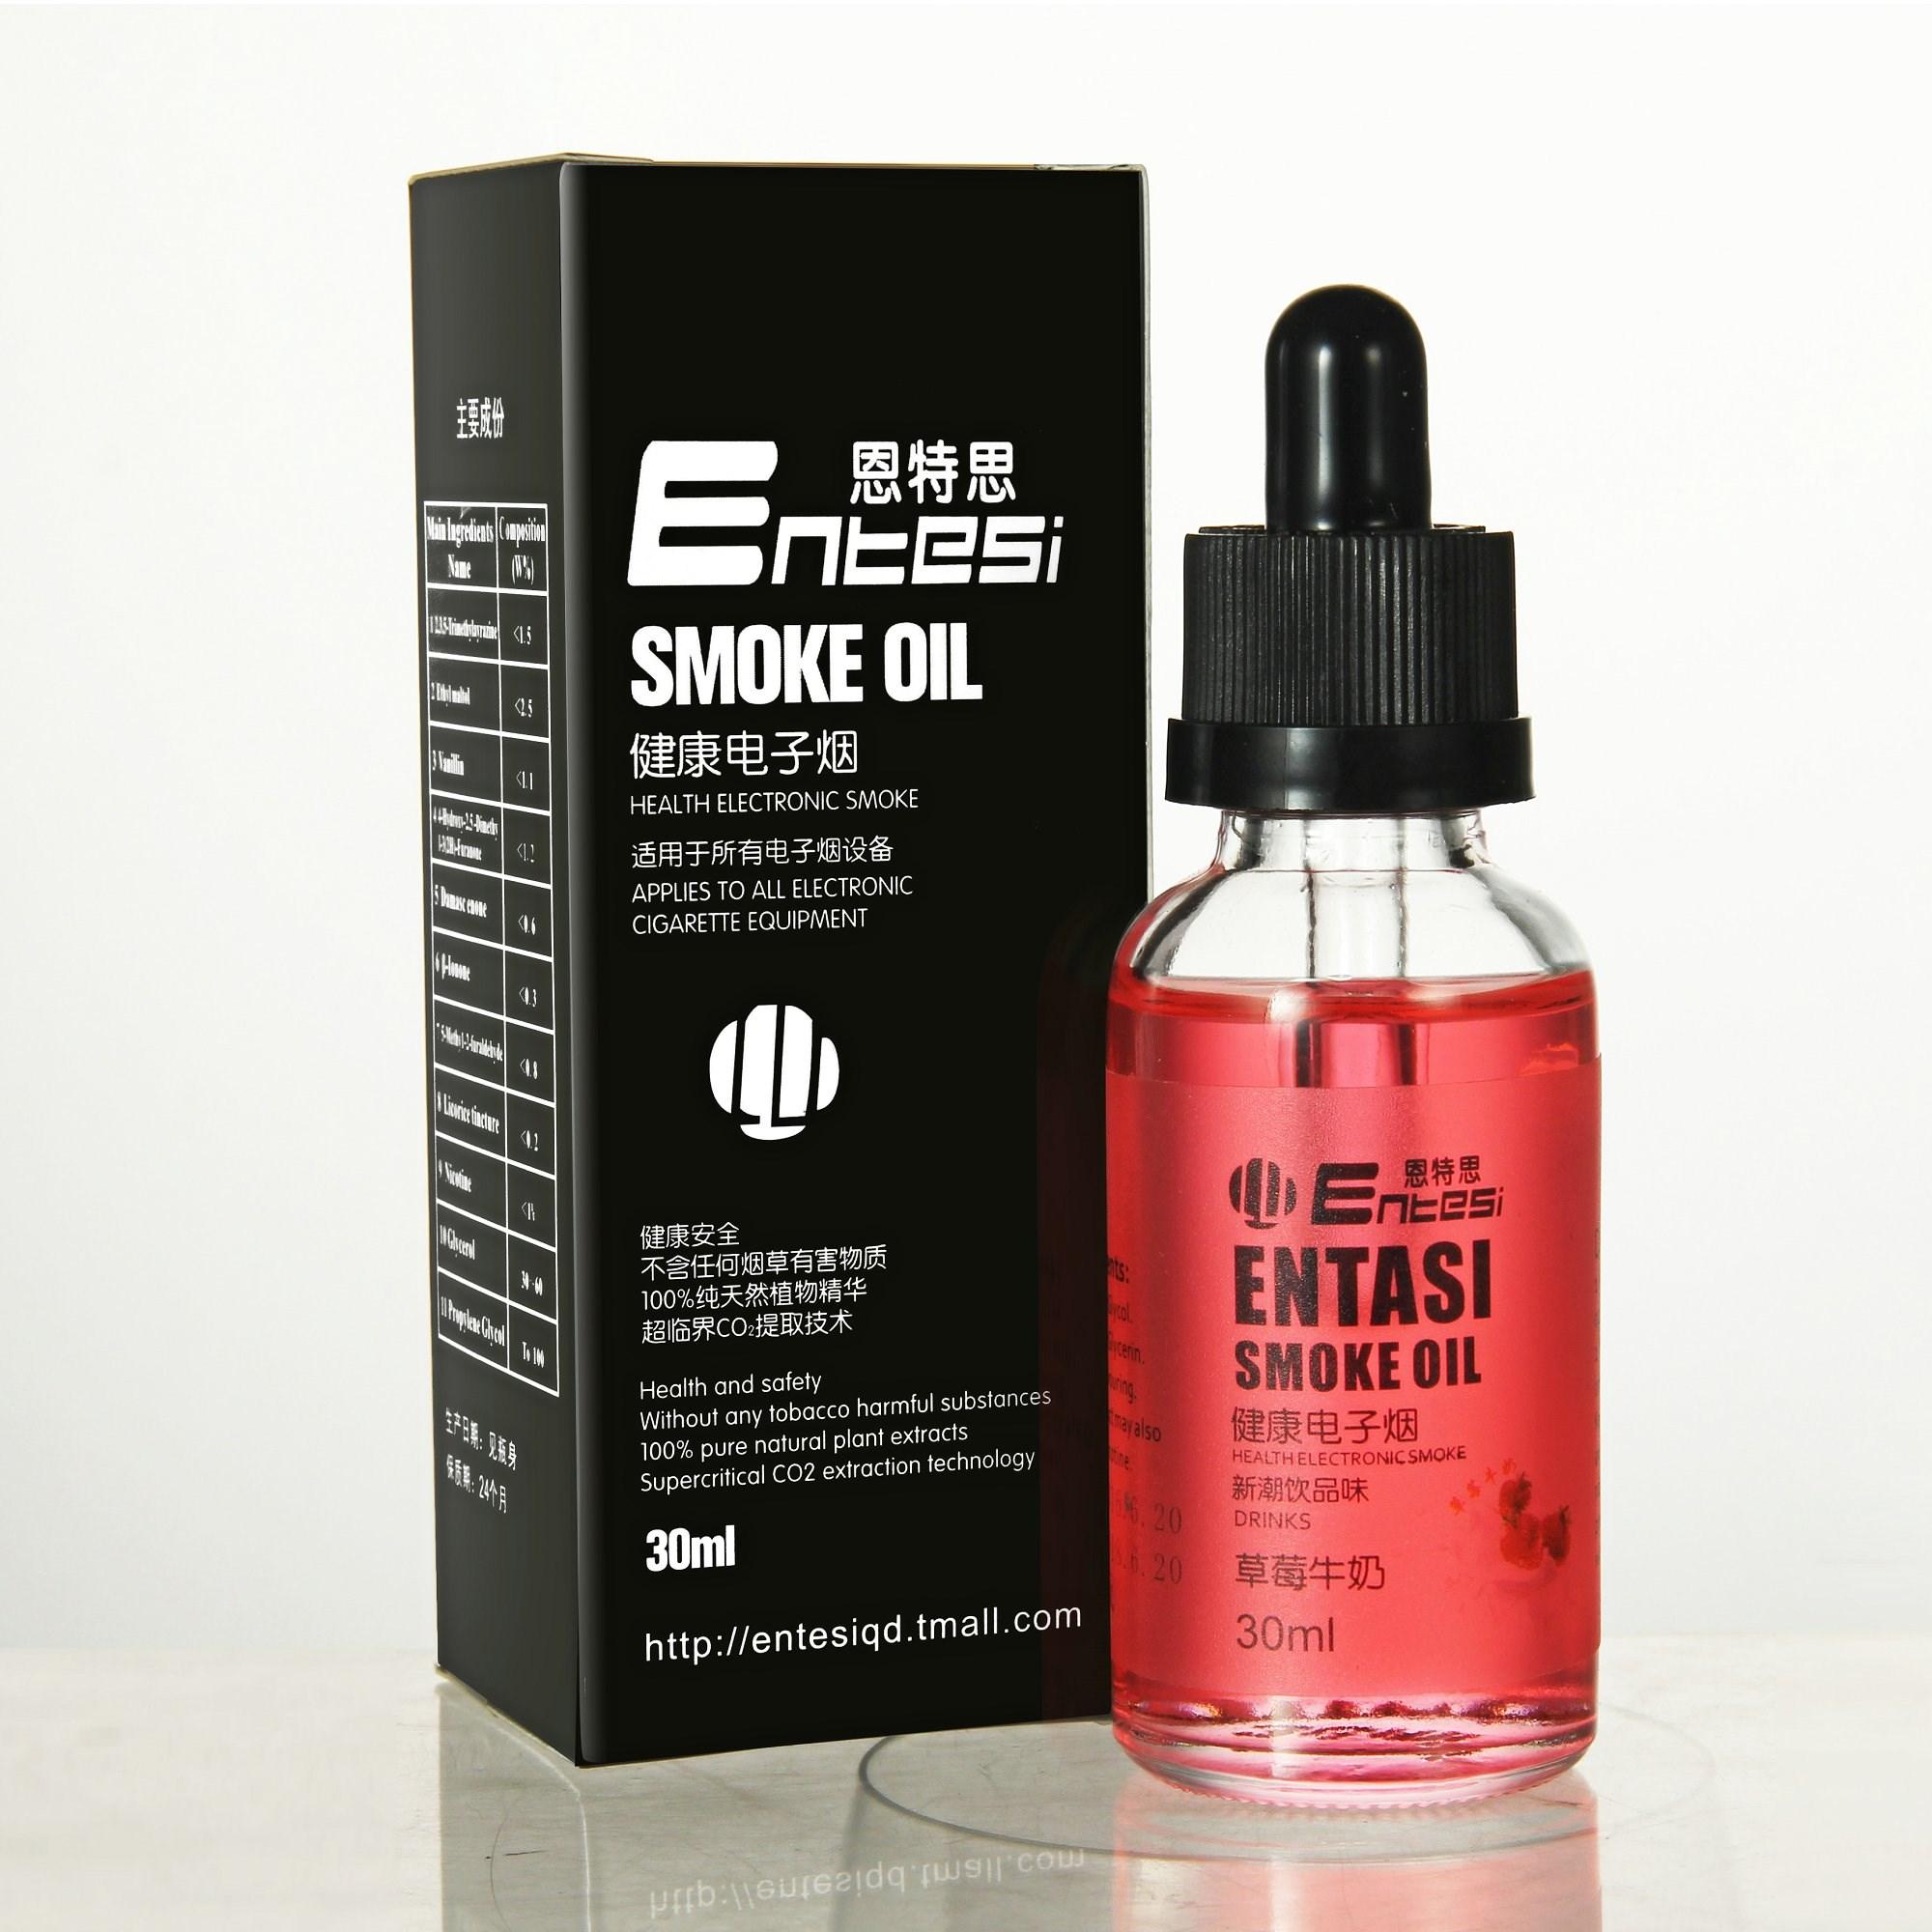 - suitsu vedelikku e suitsu maitse tubaka suitsetamise autentsed piparmündi maitse õli suured auru suitsu.